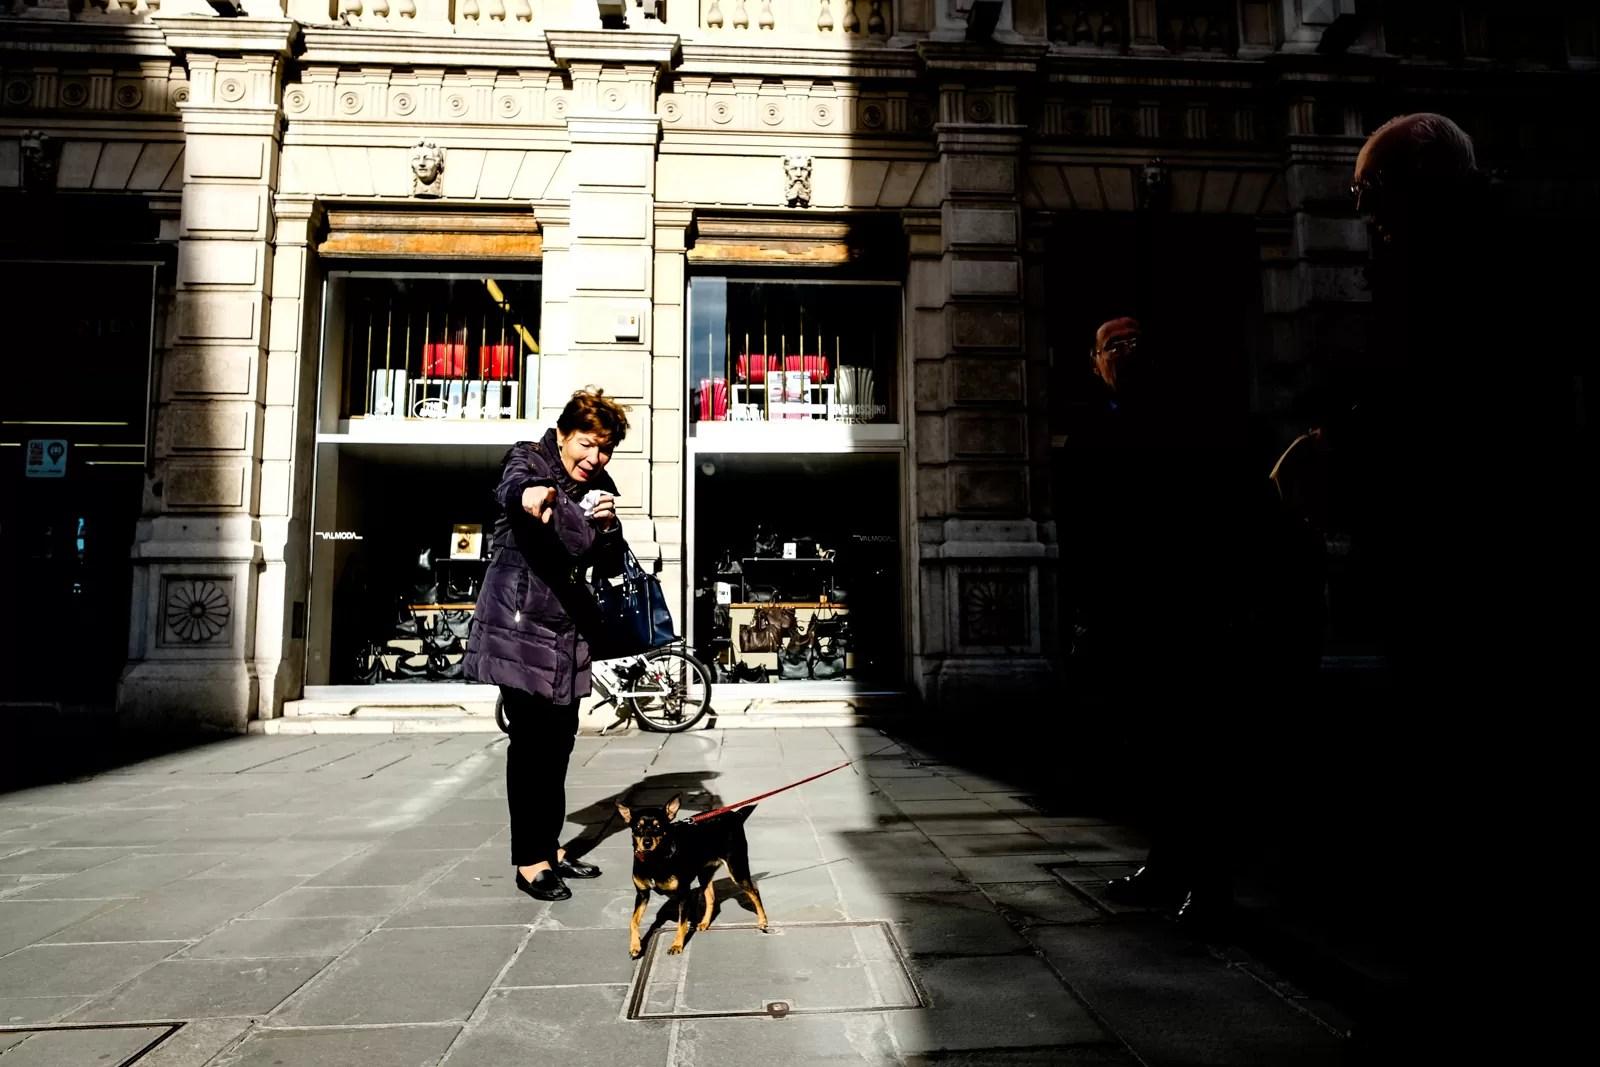 DSCF3217 - One Day in Trieste [Color Street Photography] - fotostreet.it